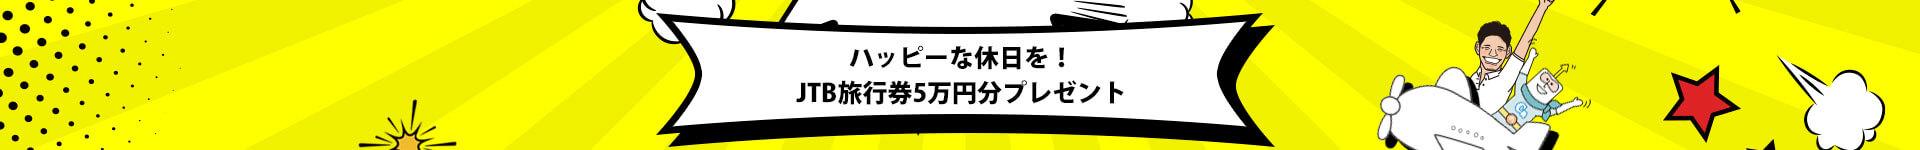 ハッピーな休日を!JTB旅行券5万円分プレゼント